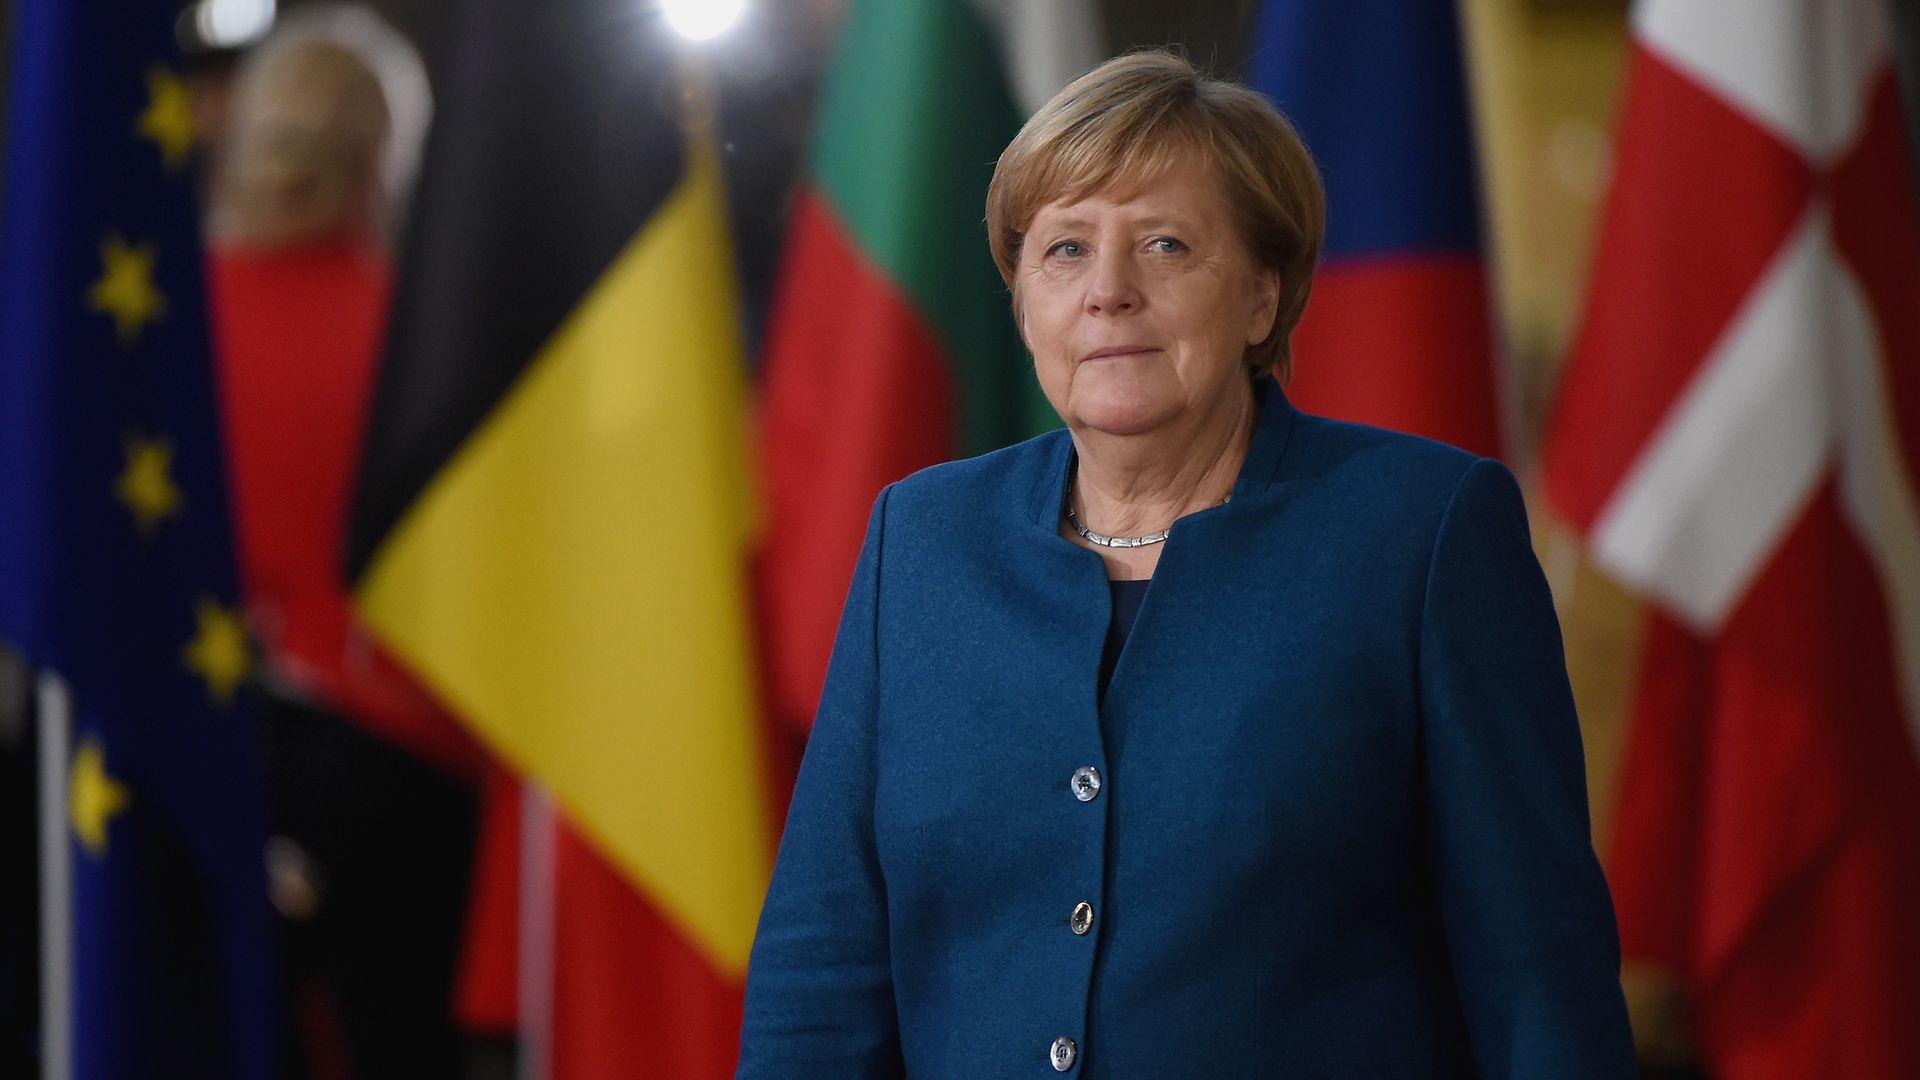 Angela Merkel standing in front of european flags in a blue pantsuit.